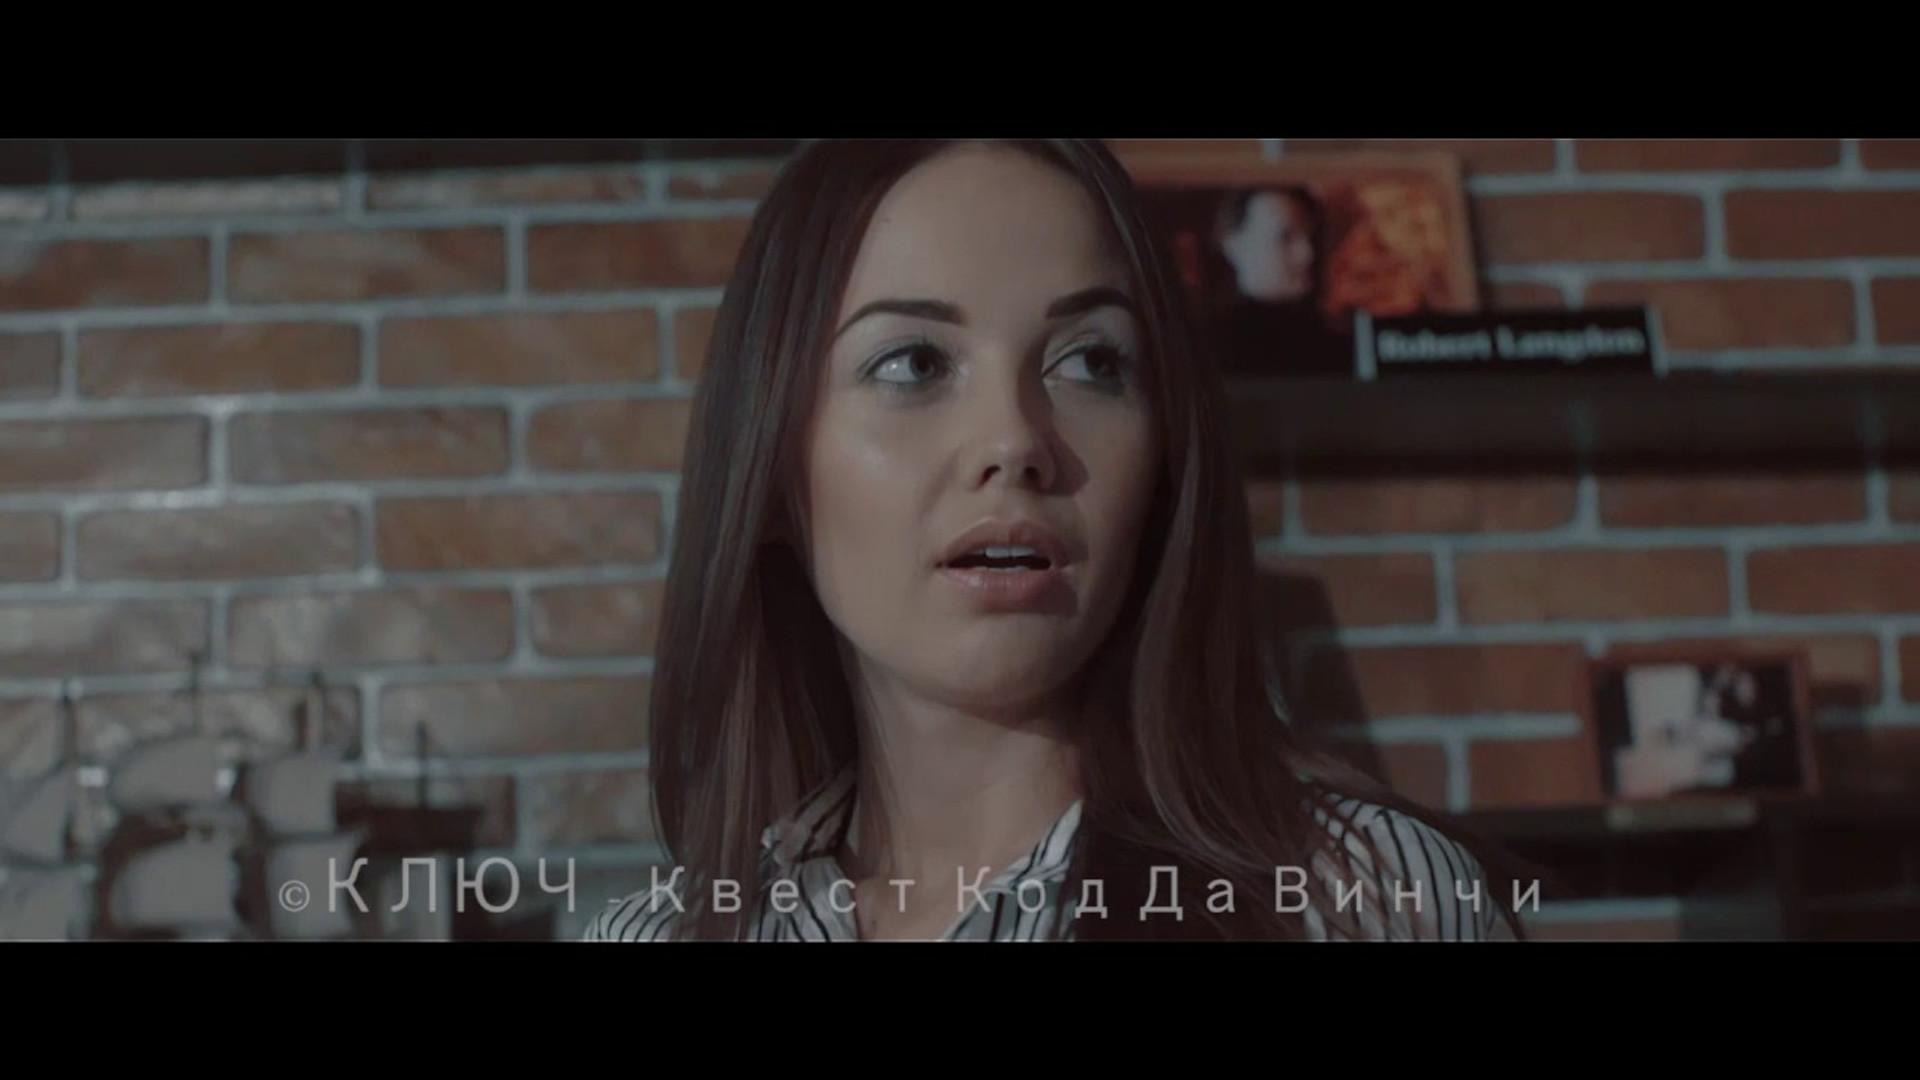 Рекламный ролик для квеста Код Да Винчи